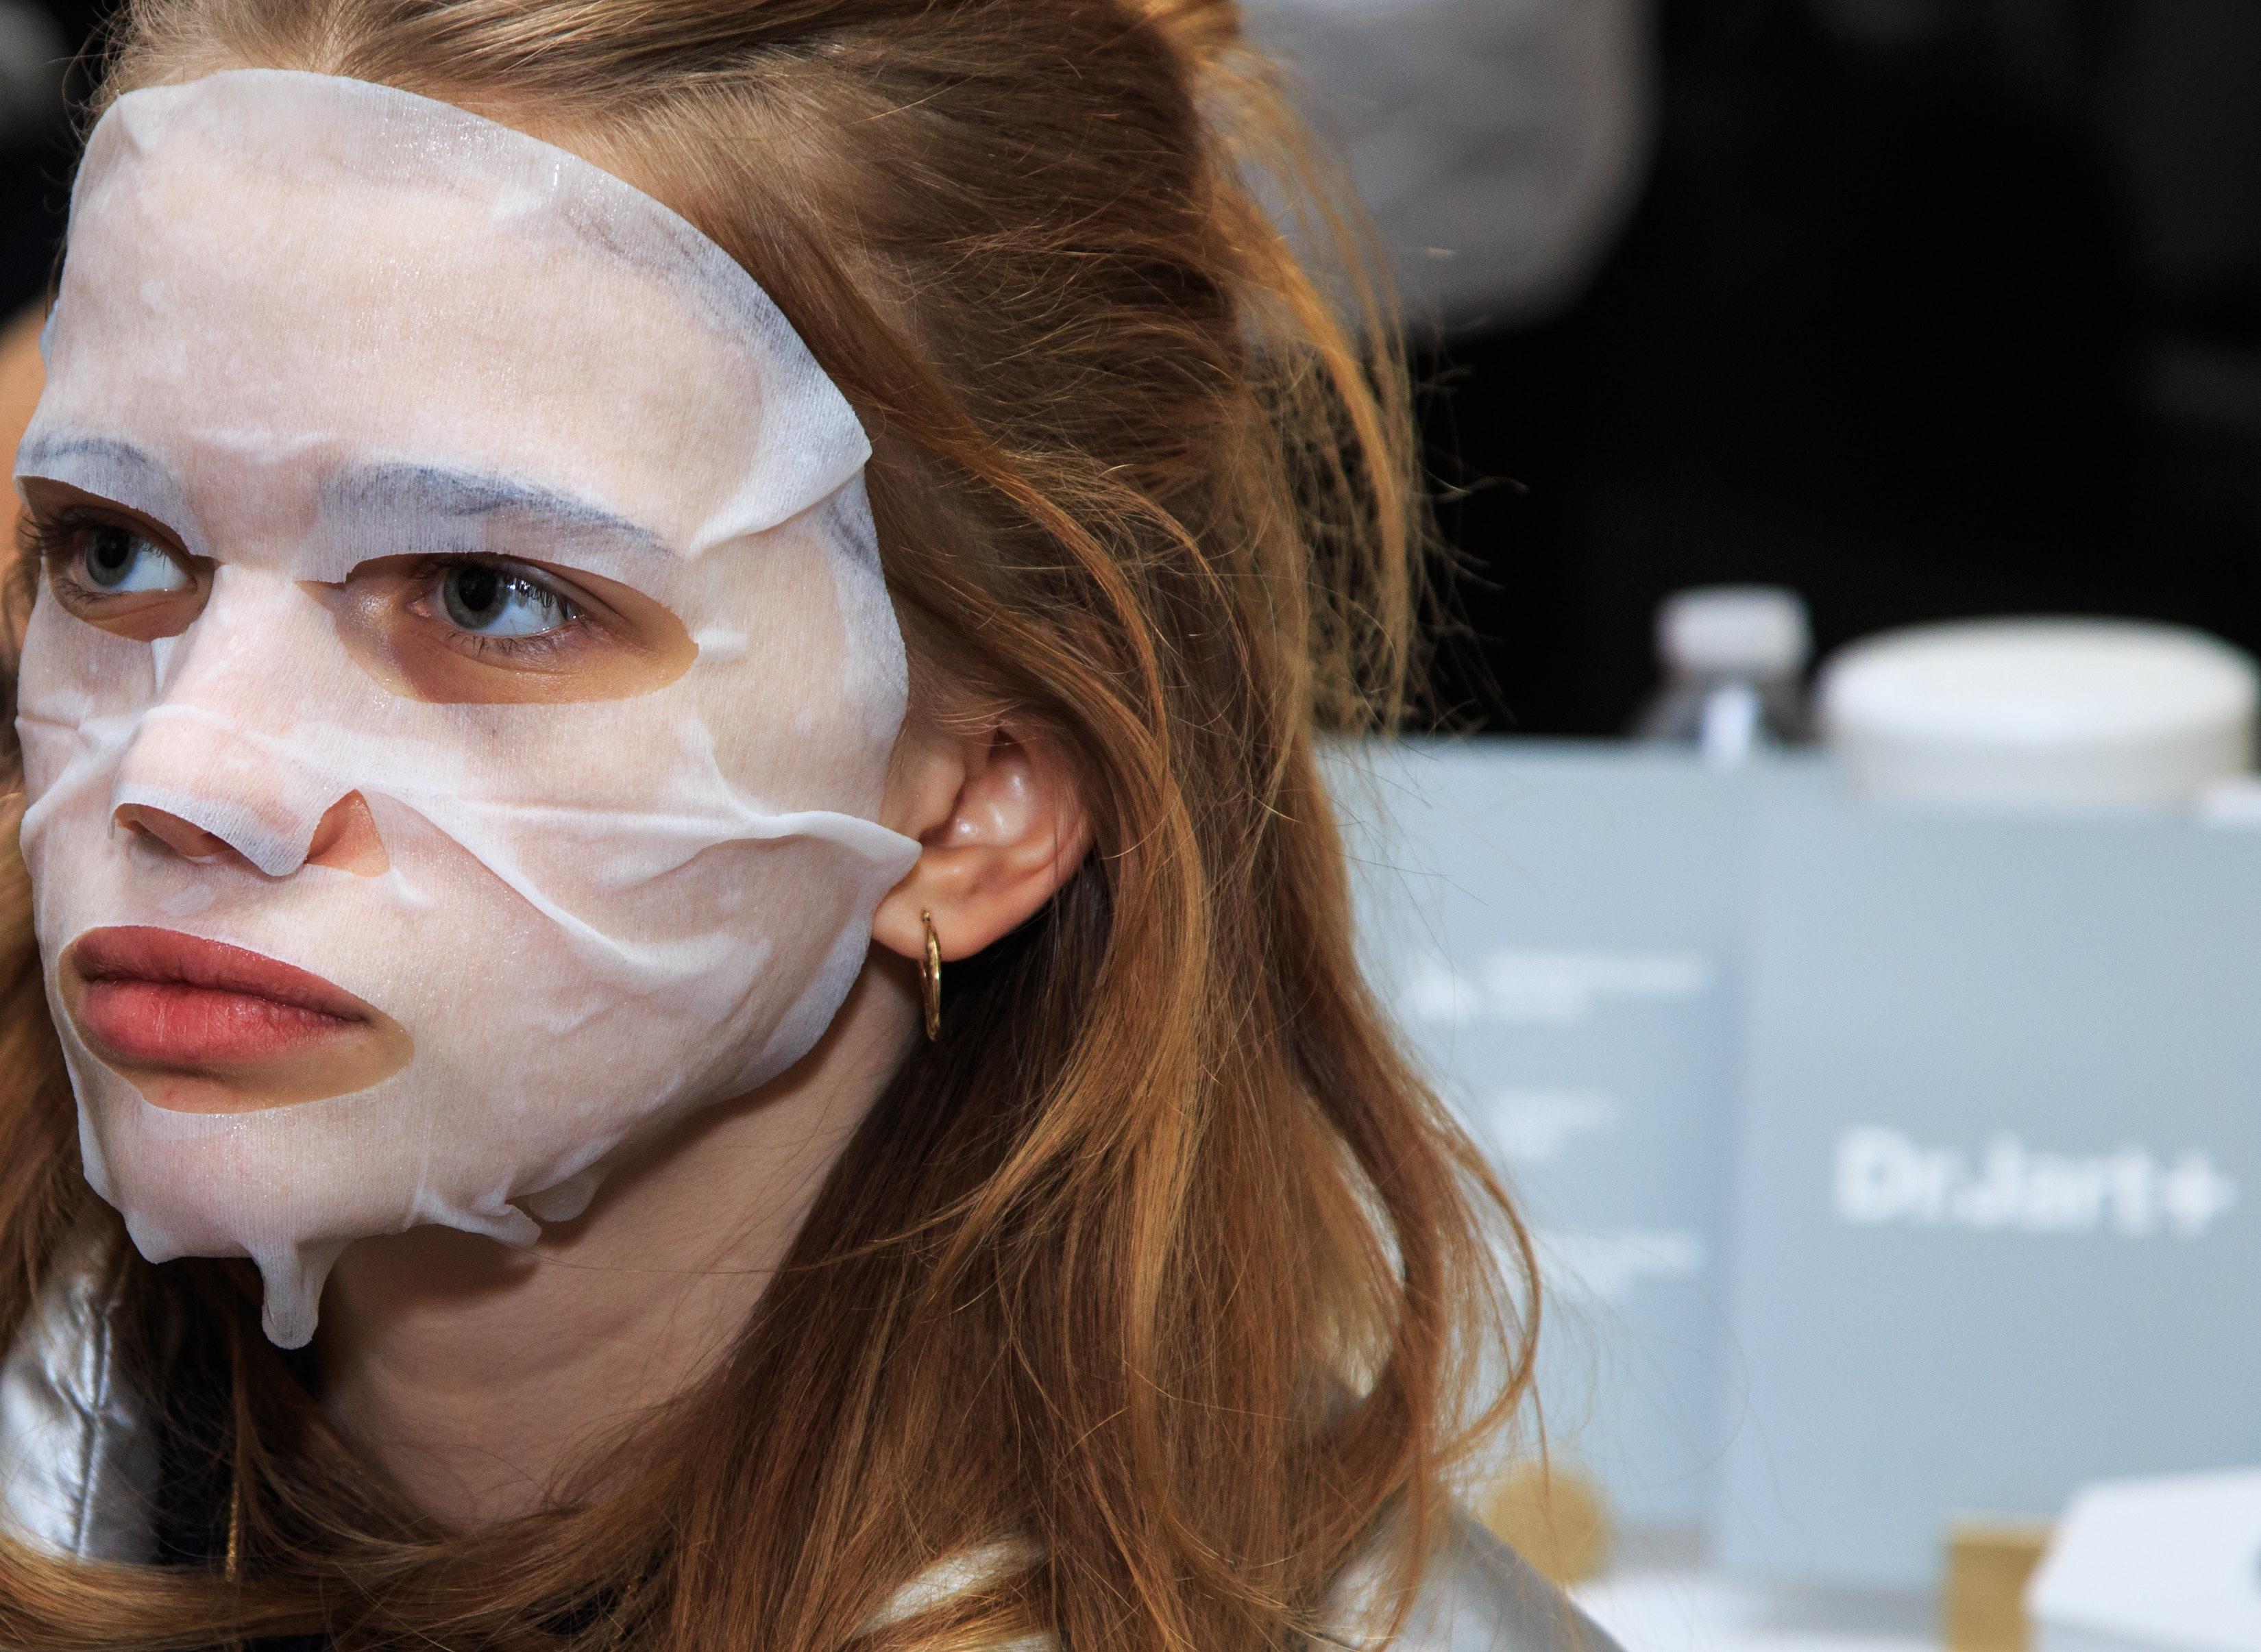 Facial redness irritation